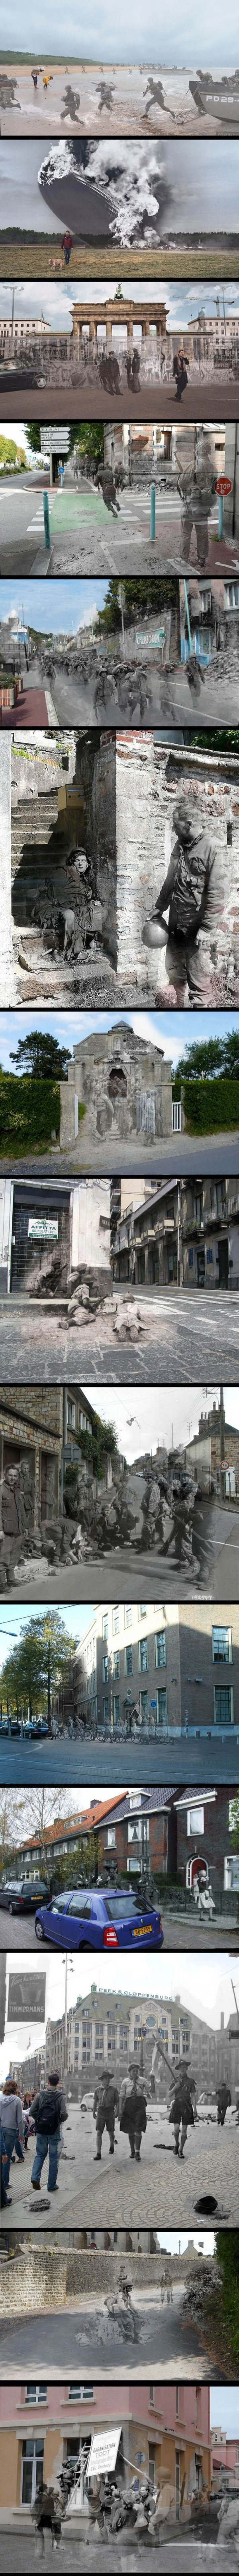 Historische Schauplätze damals und heute